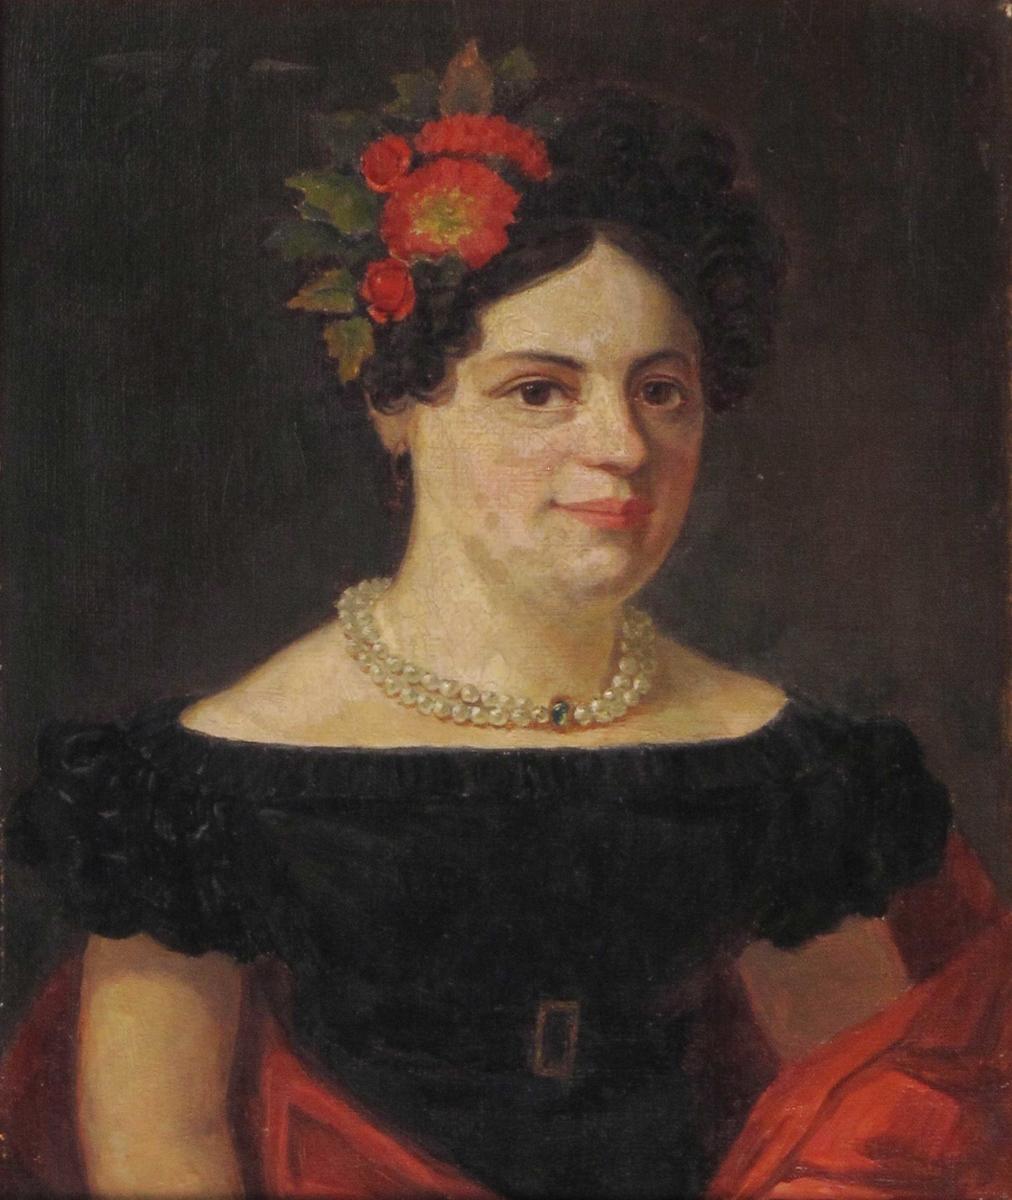 Portrett, kvinne. Brystbilde, vendt noe mot sin venstre side. Dobbelt perlekjede om halsen.Rød blomst med grønnt i håret. Sort kjole, med røde gevanter omkring seg.